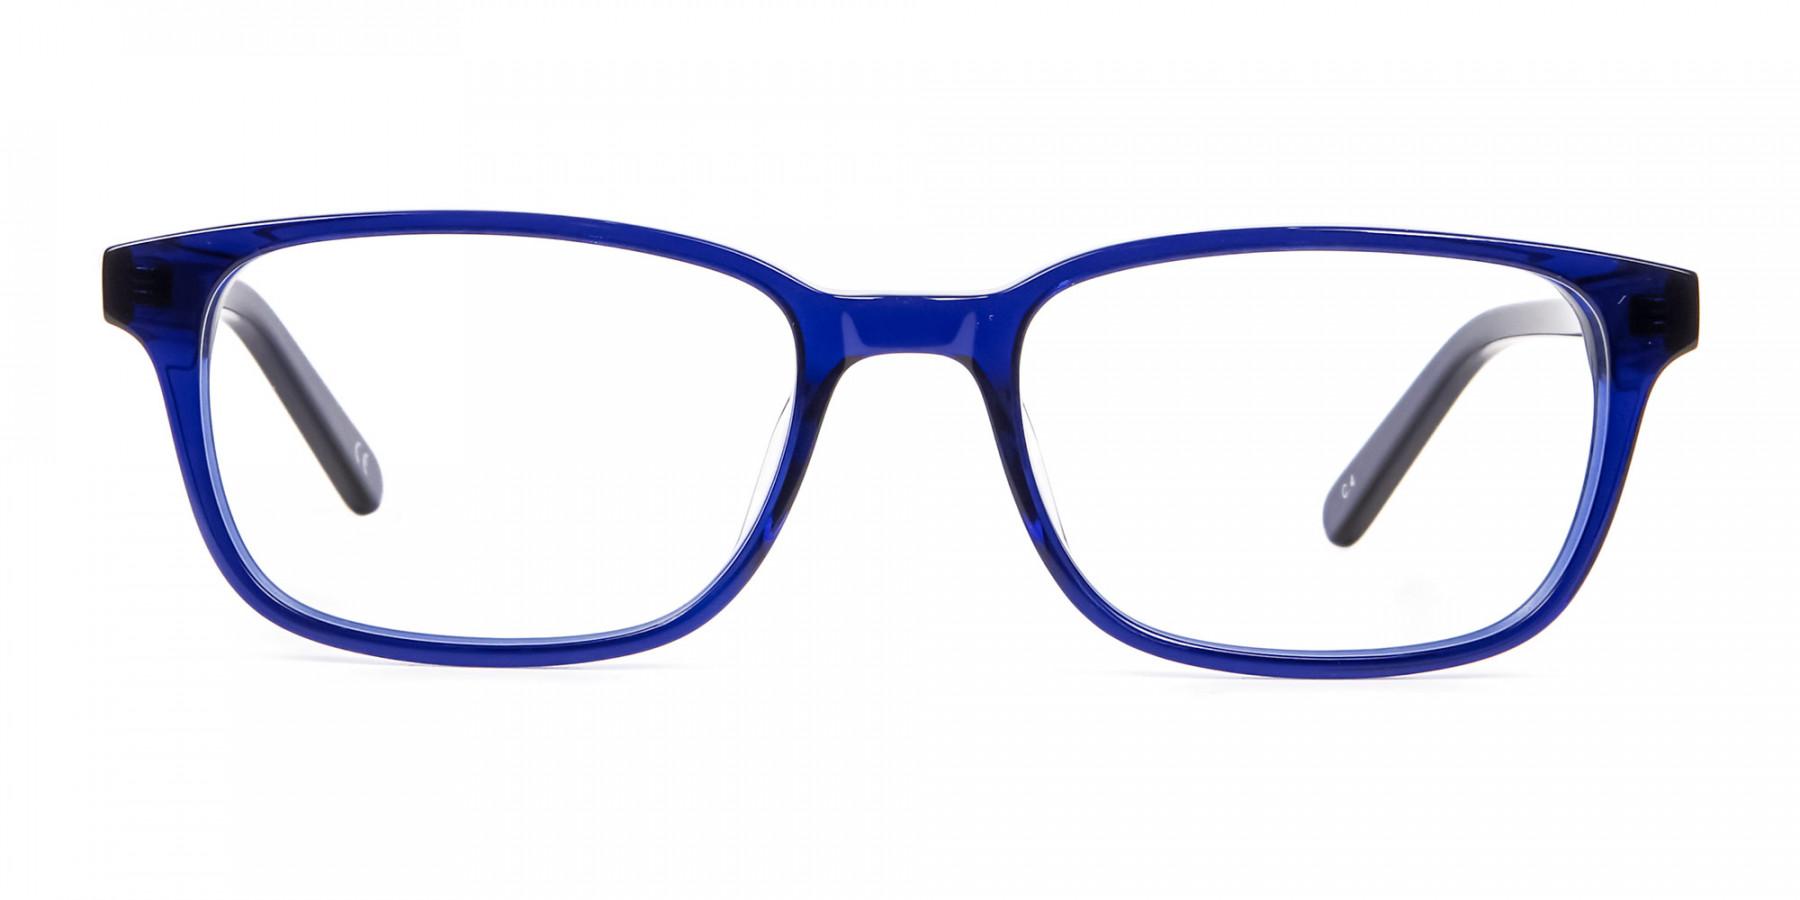 Men's and Women's Blue Rectangular Glasses